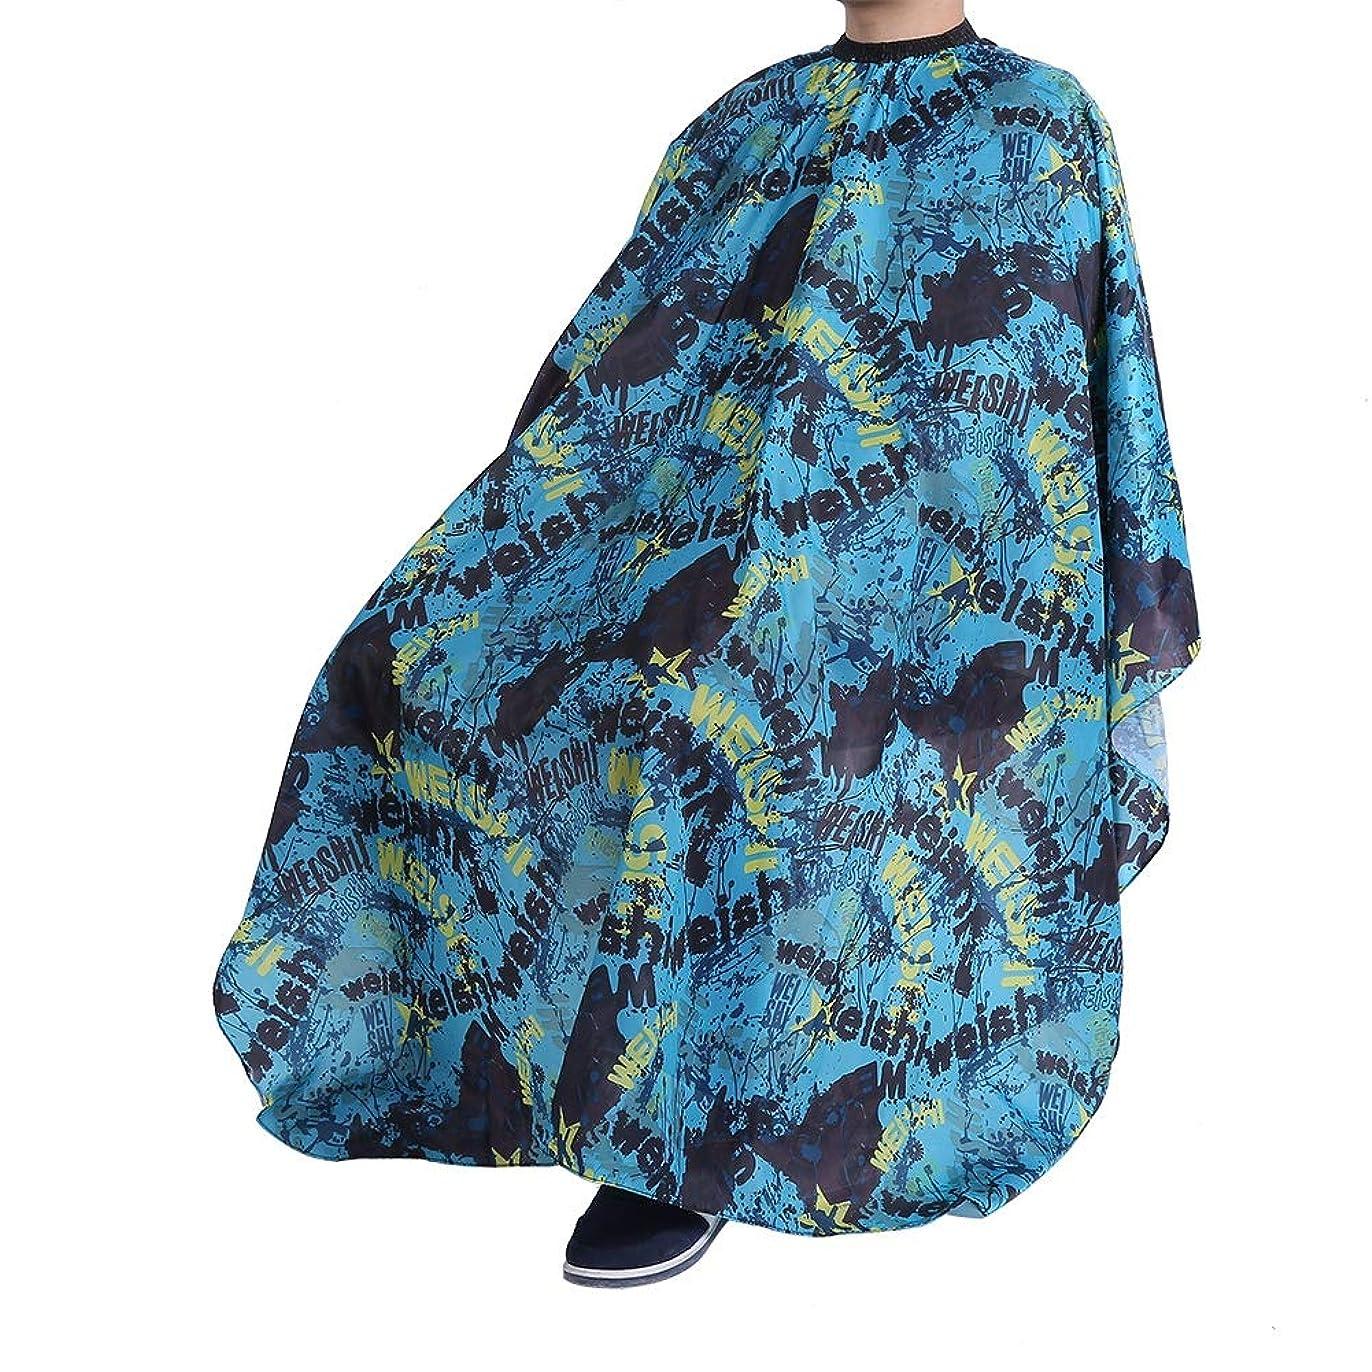 下る干渉する踏み台理髪岬エプロンユニセックス-3パターン-防水(ブルースクロール)